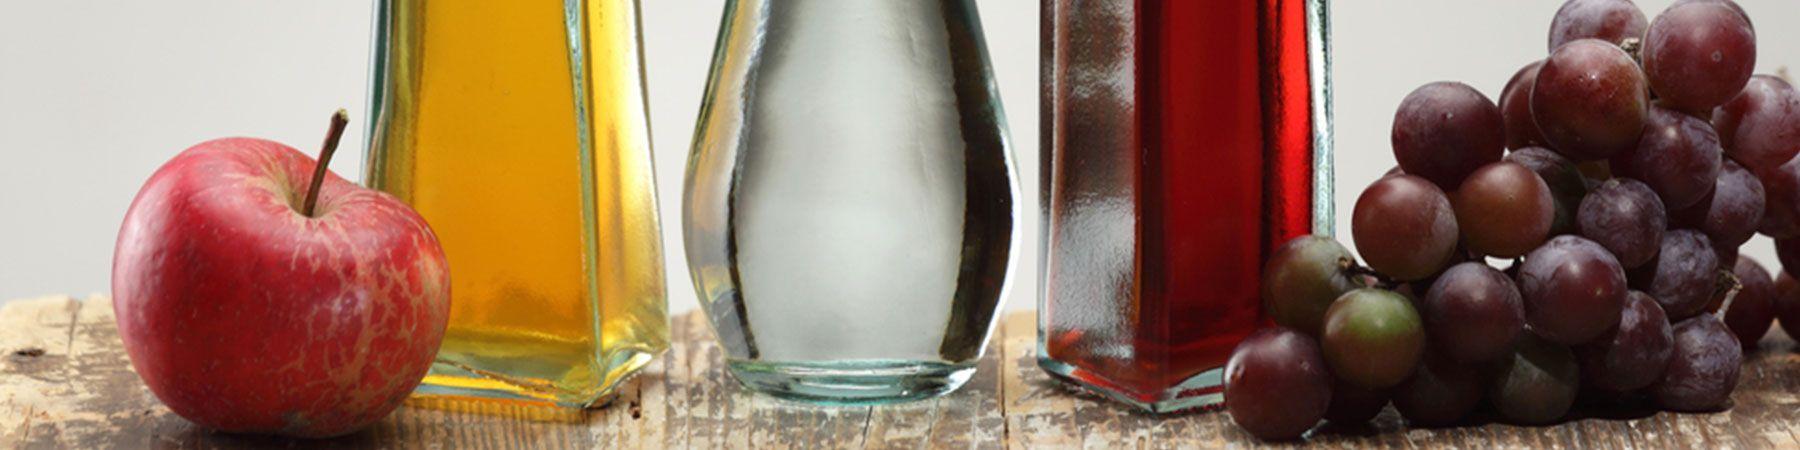 Vinaigres aromatisés